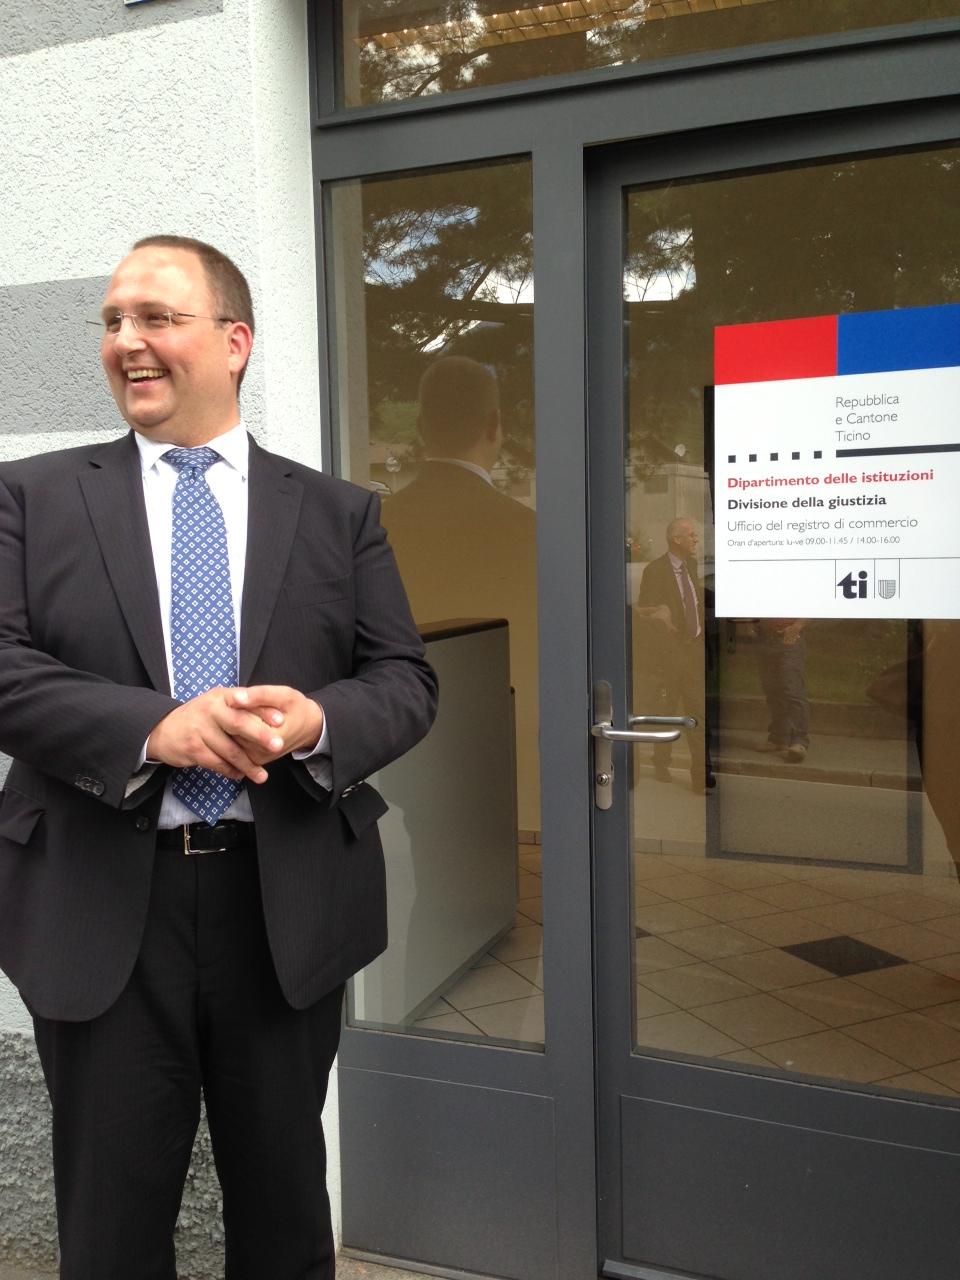 L'Ufficio di commercio è operativo presso la sede di Biasca